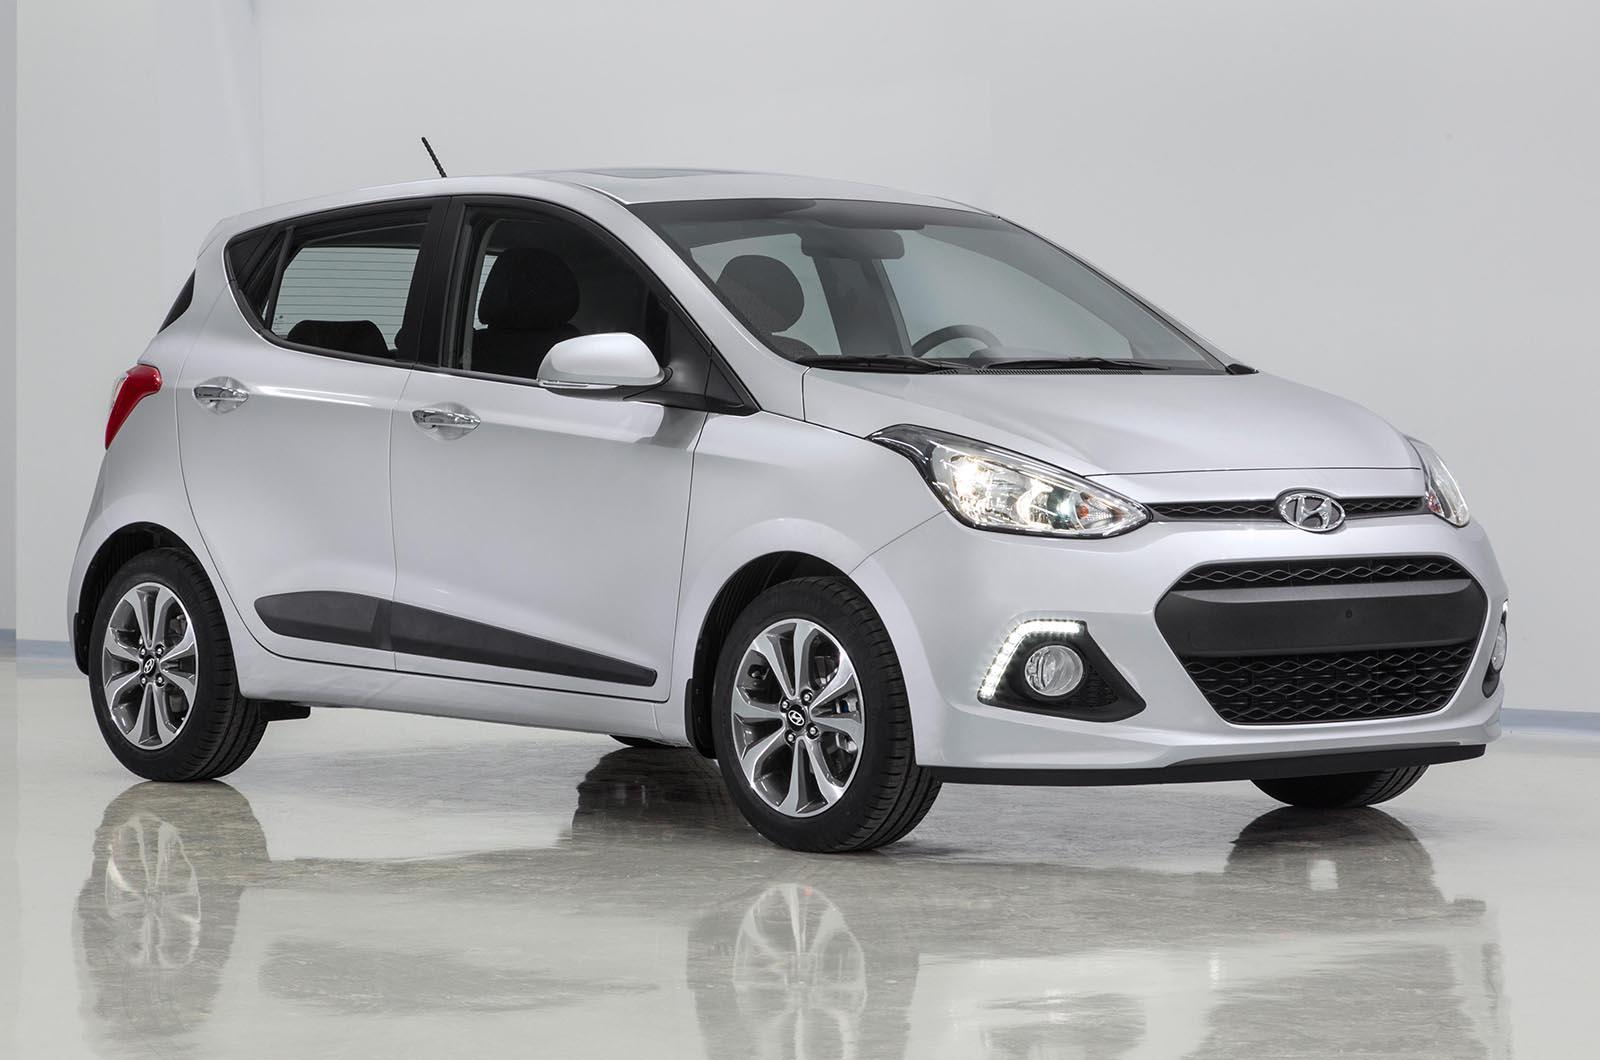 New 2014 Hyundai i10 revealed - Autocar India